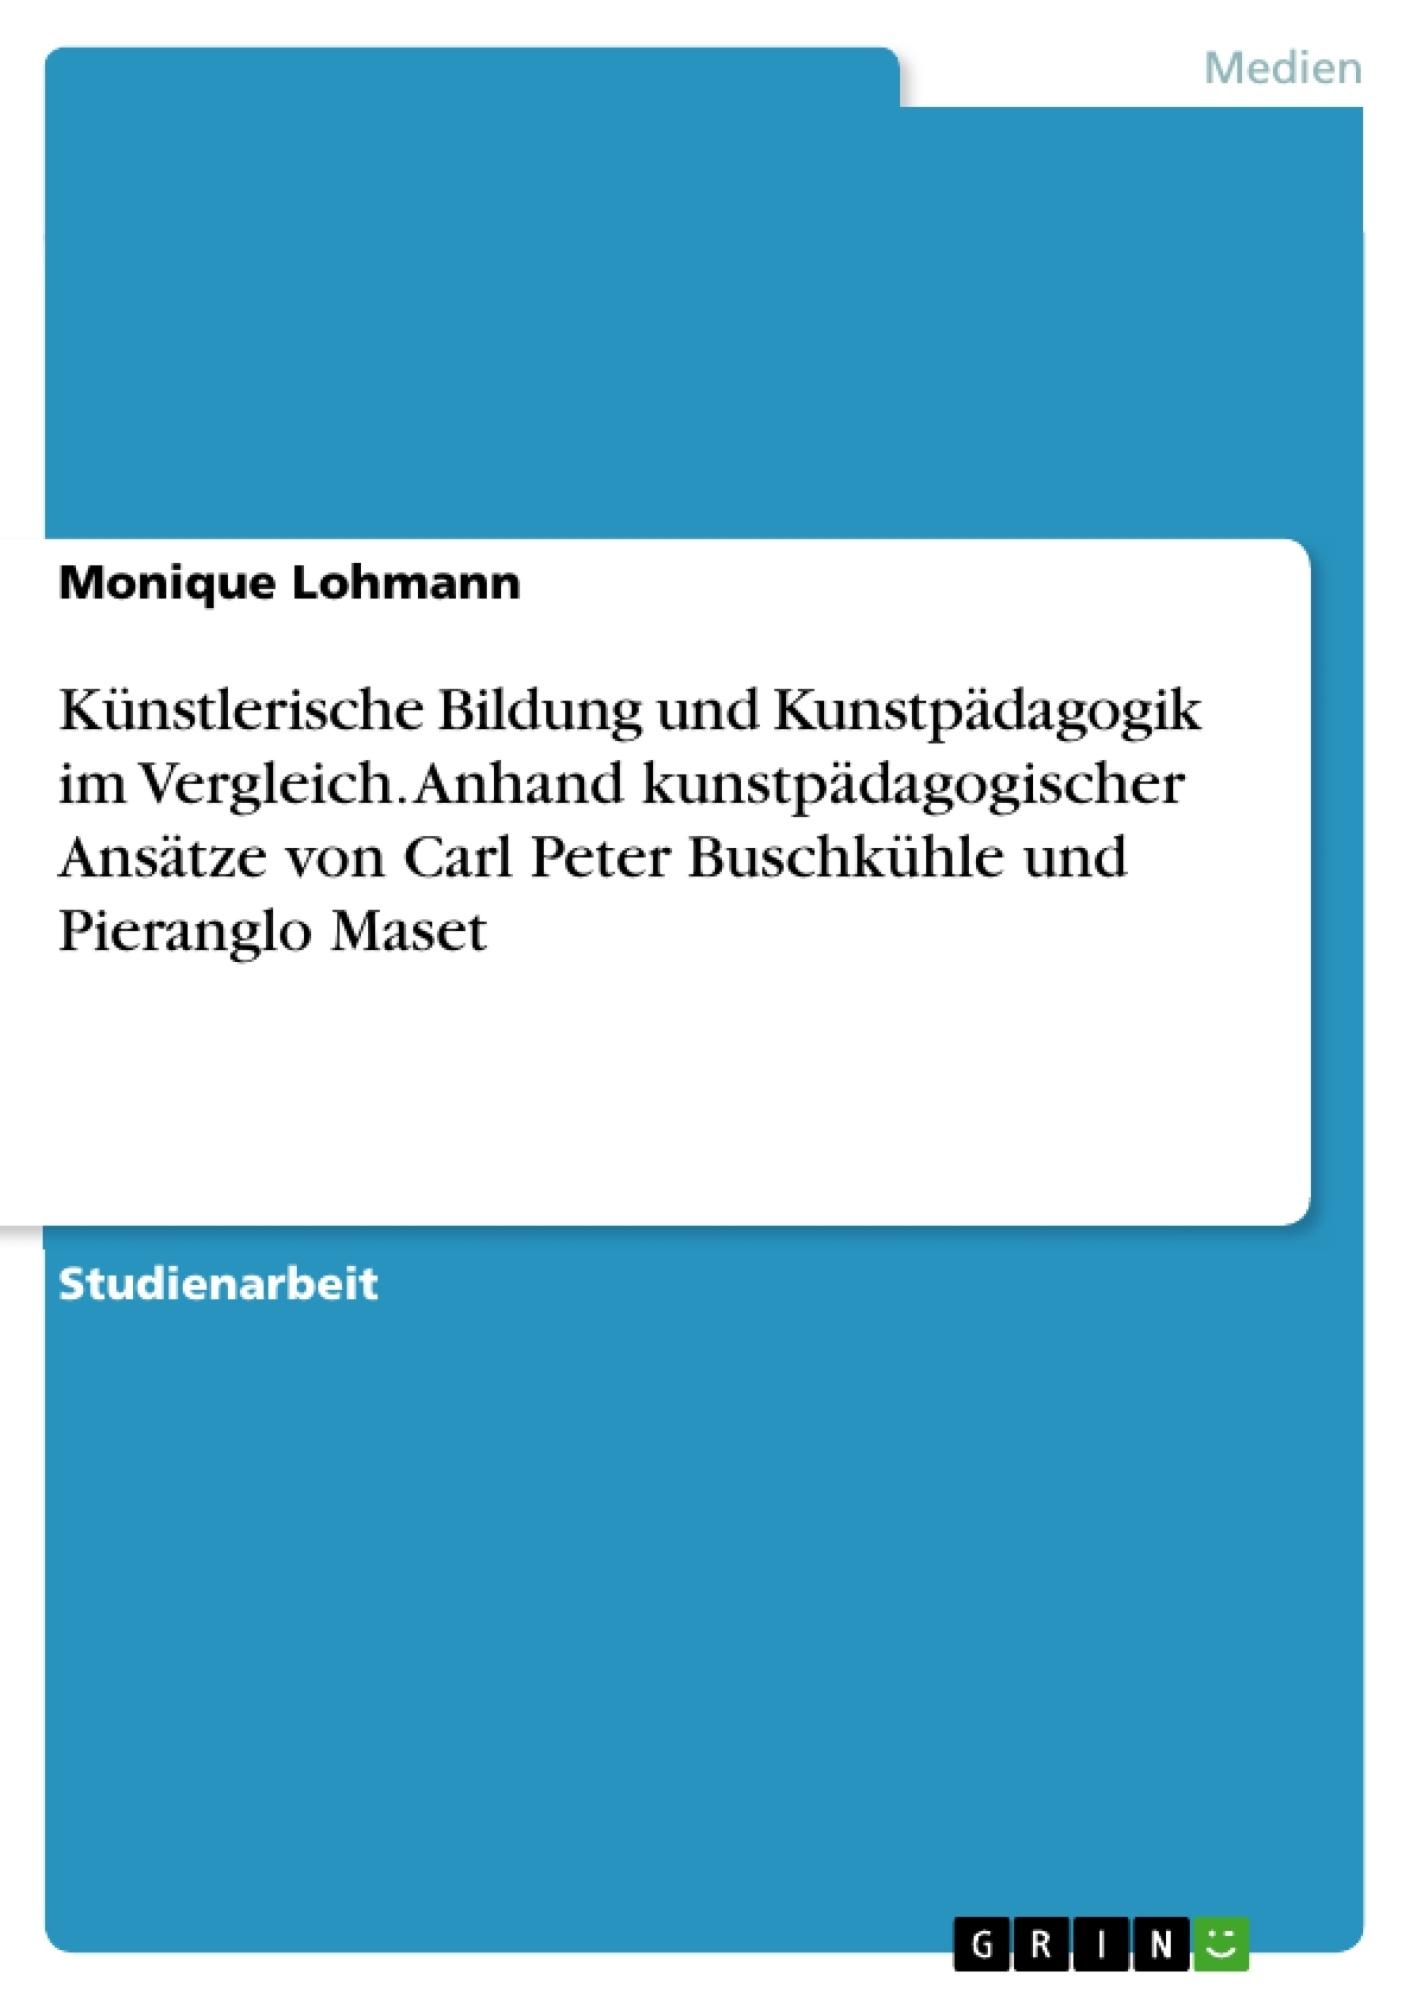 Titel: Künstlerische Bildung und Kunstpädagogik im Vergleich. Anhand kunstpädagogischer Ansätze von Carl Peter Buschkühle und Pieranglo Maset